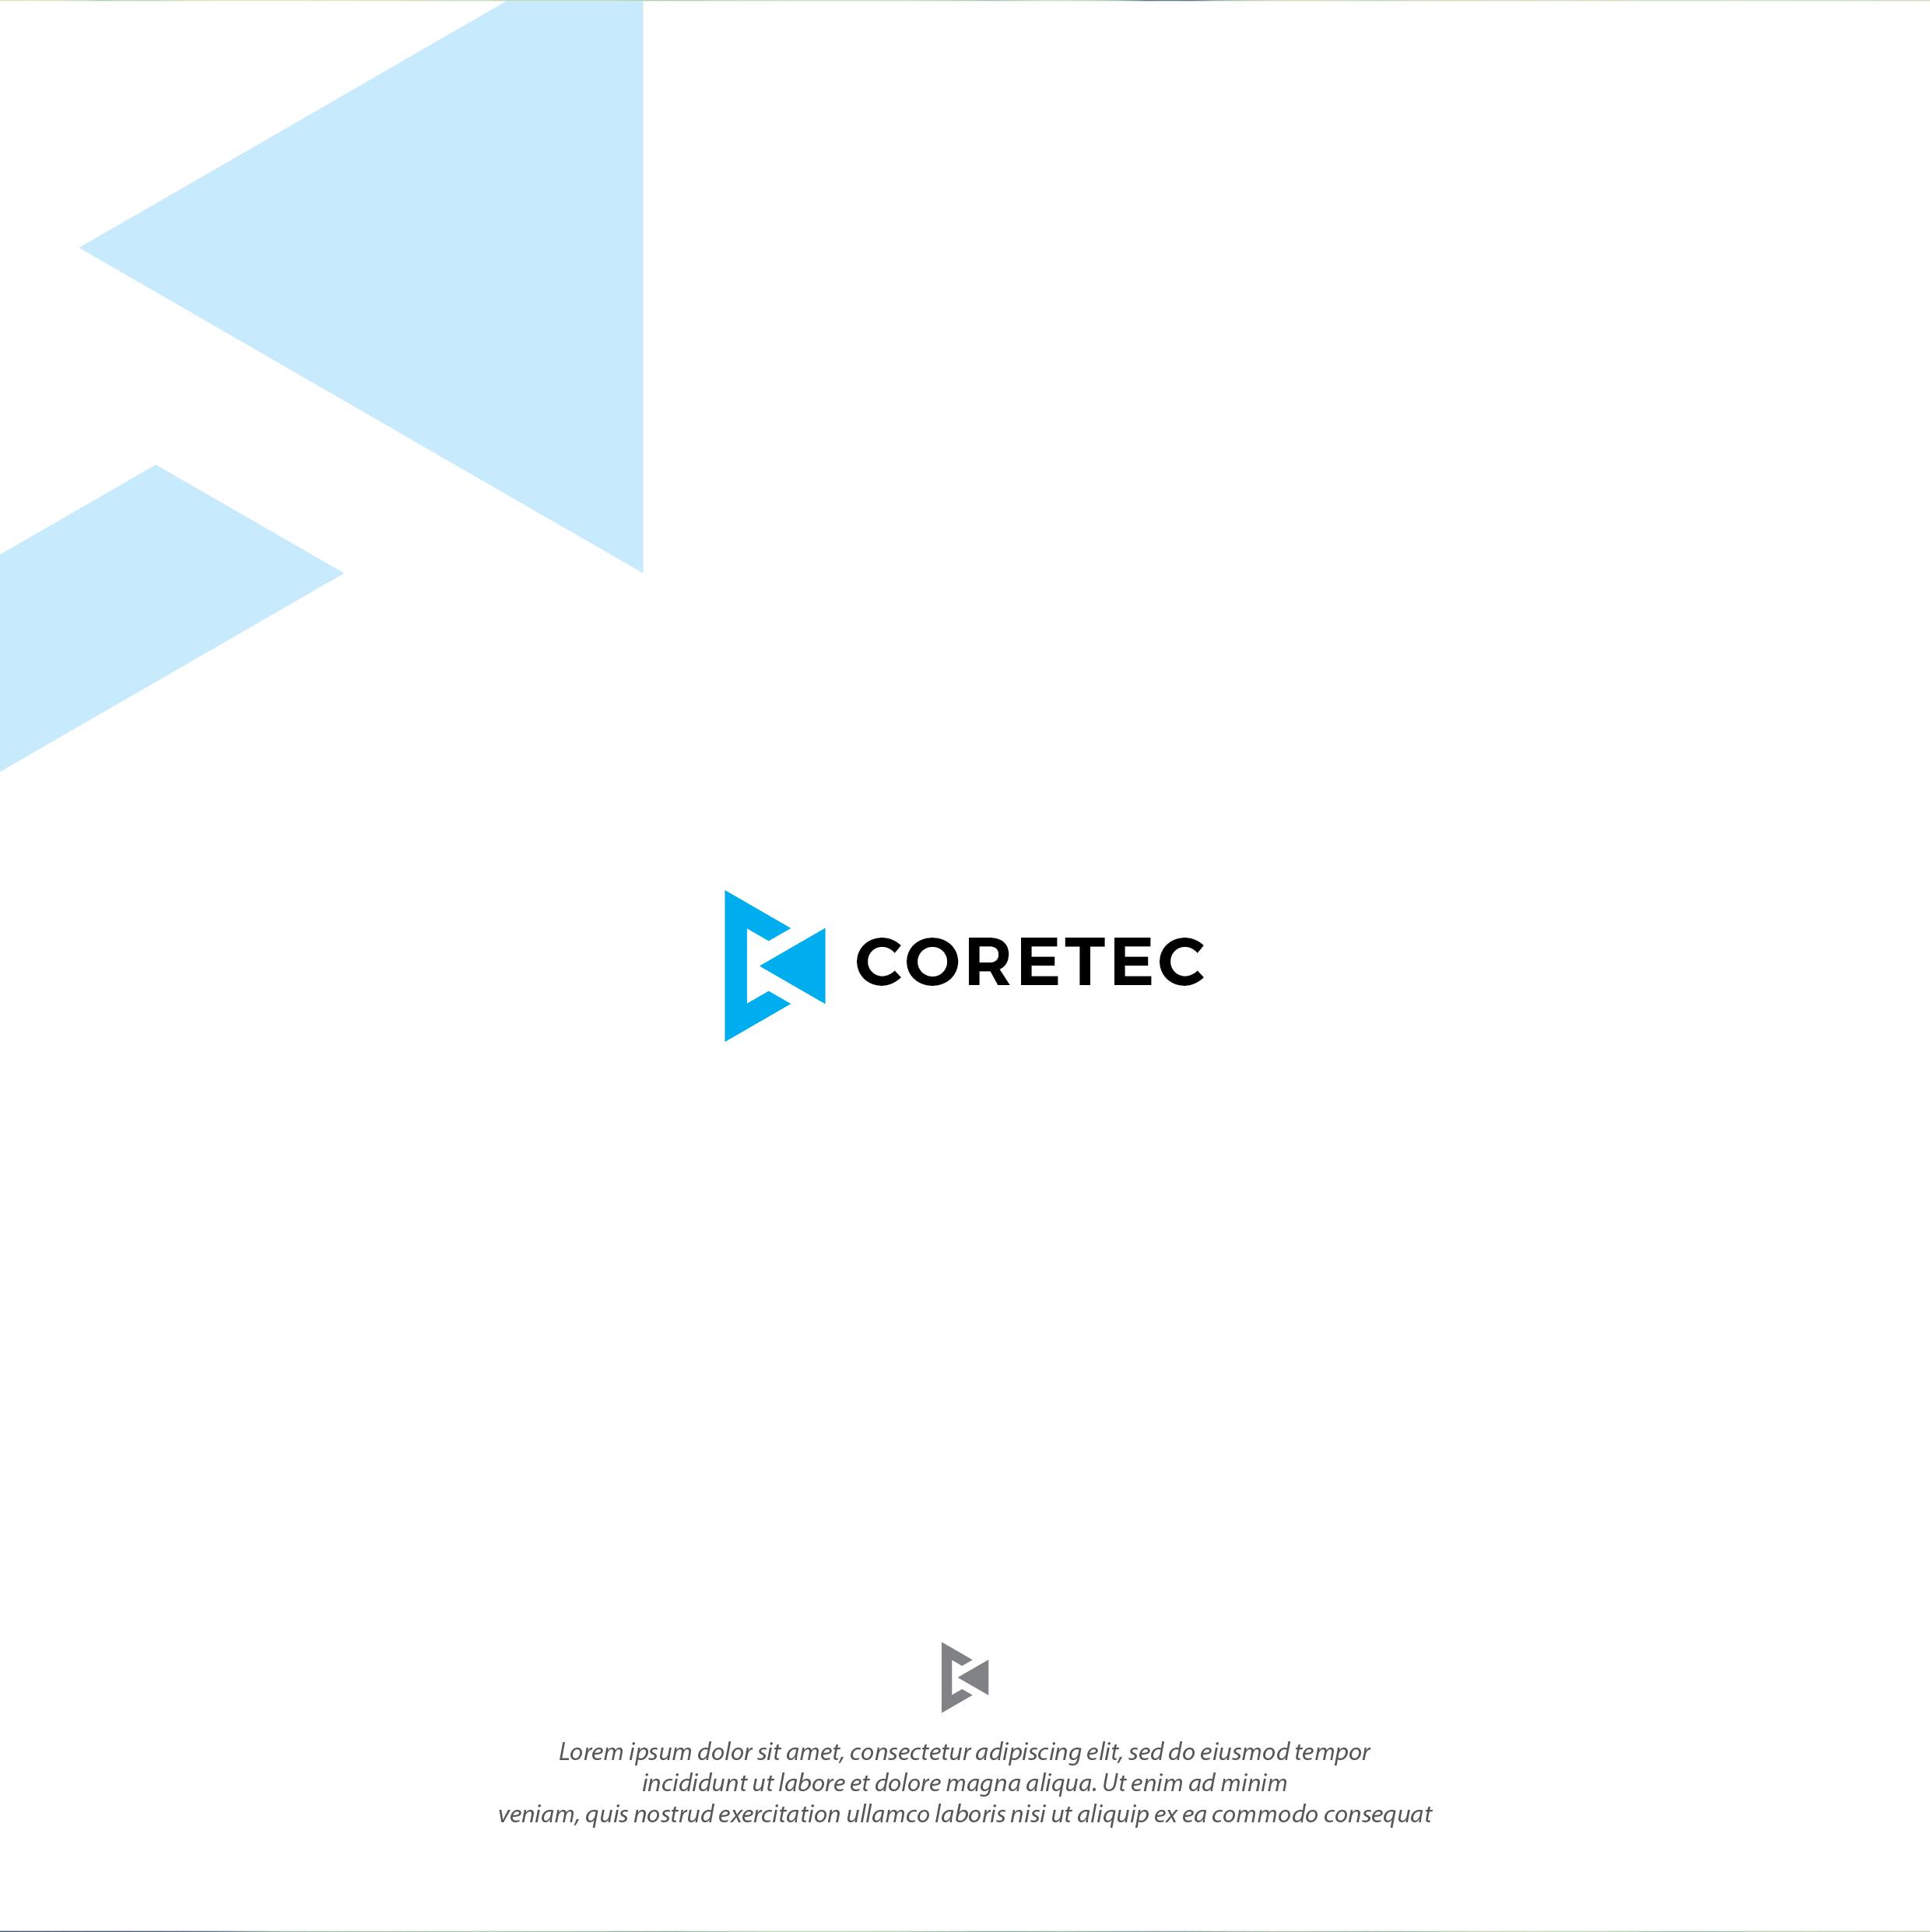 Design a modern elegant logo for a software dev company